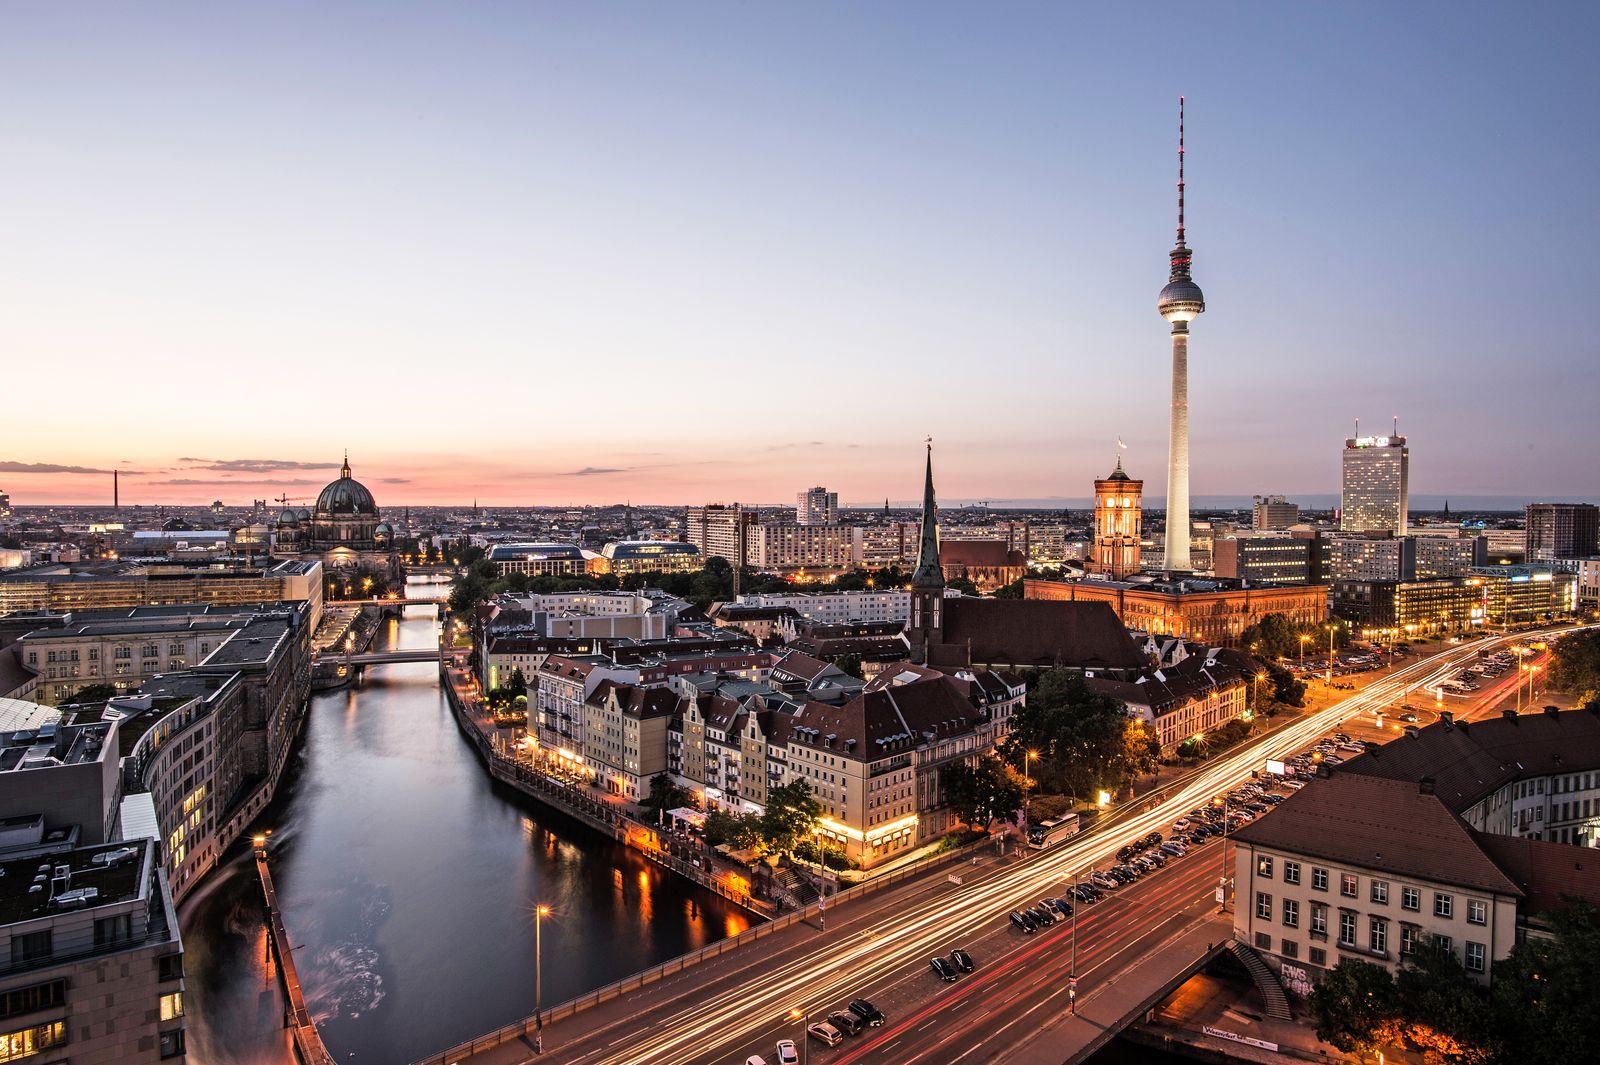 Deutschland / Berlin / Konjunktur / Fernsehturm / Wirtschaft (Kopie)